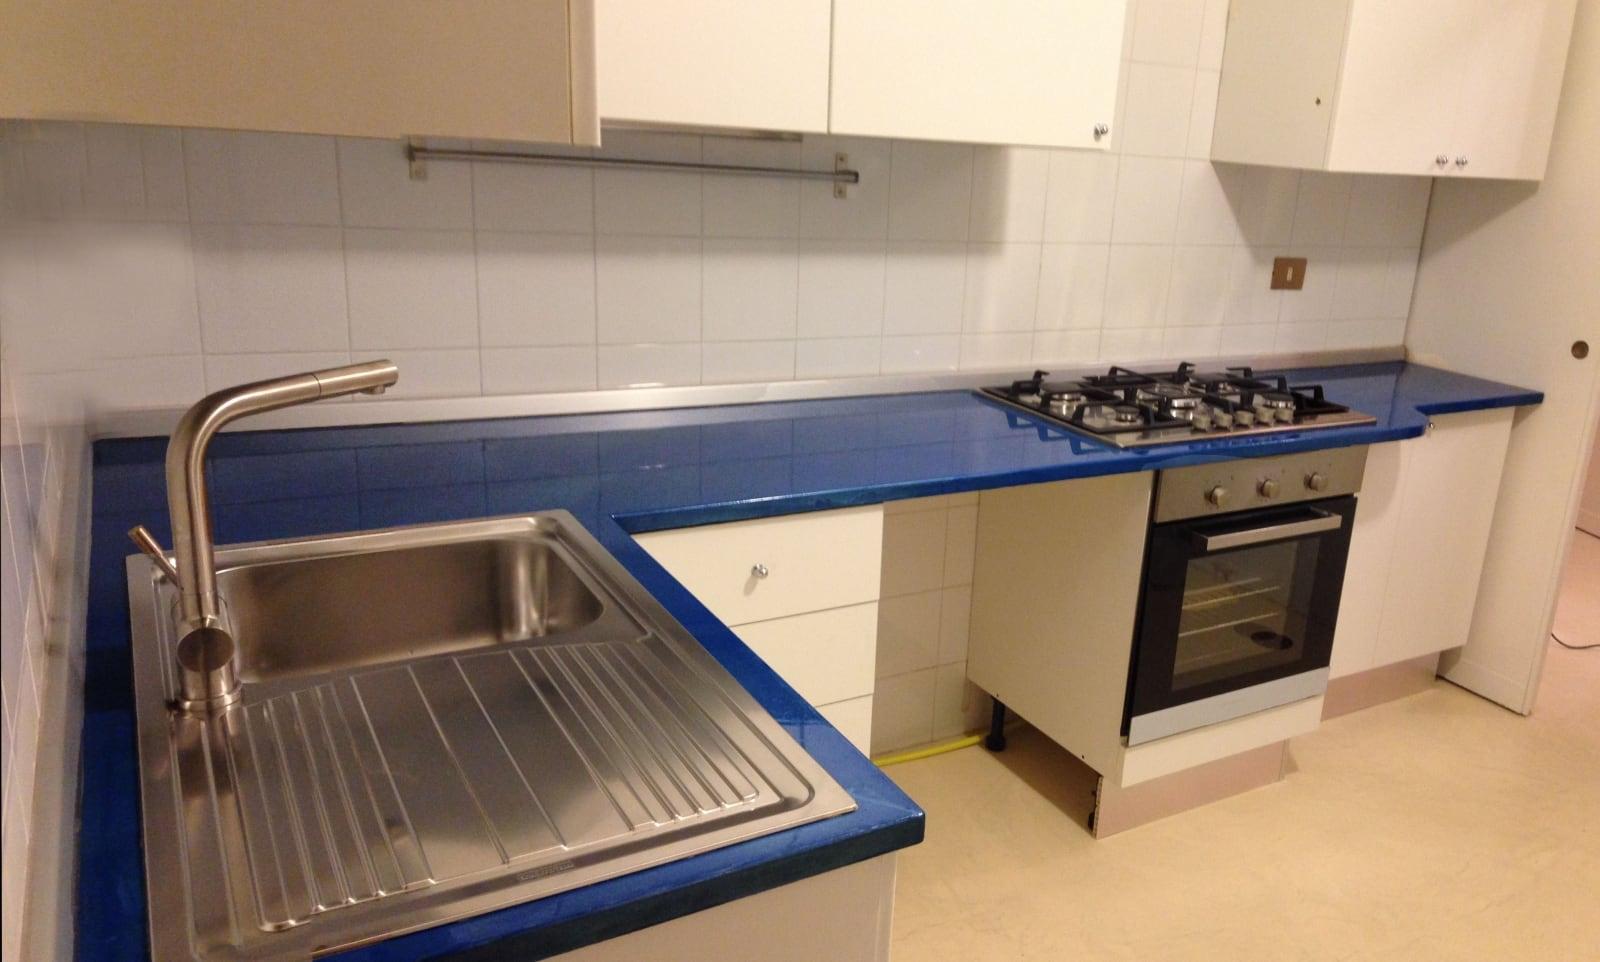 Top cucina in resina lucida - Rivestimenti in resina per cucina ...